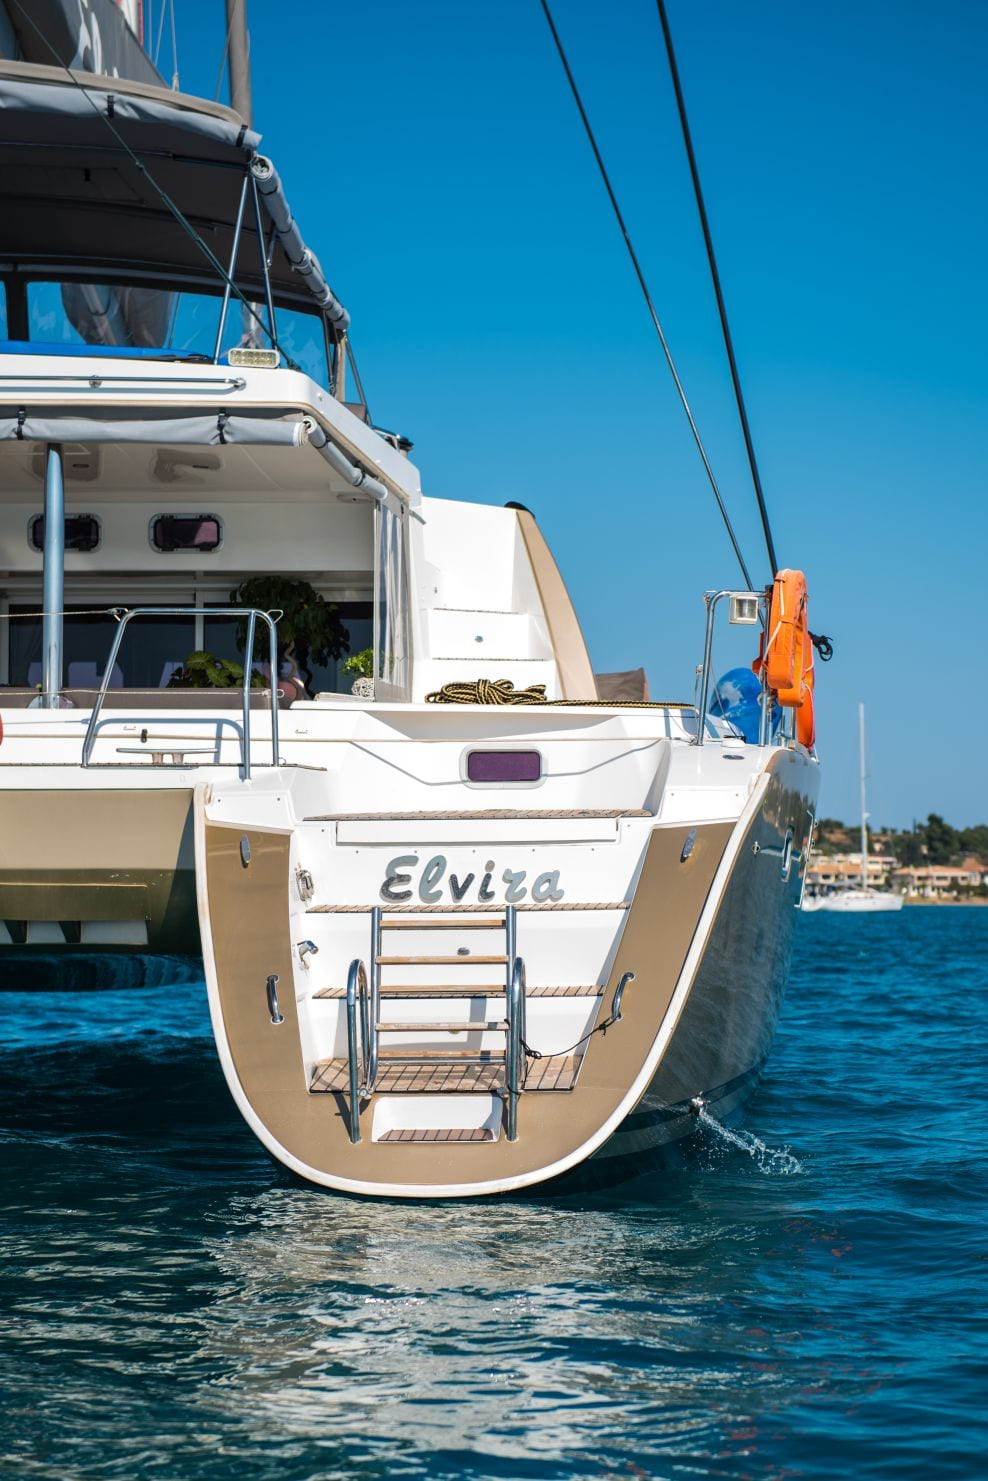 elvira catamaran lagoon 500 swim stairs_valef -  Valef Yachts Chartering - 5561